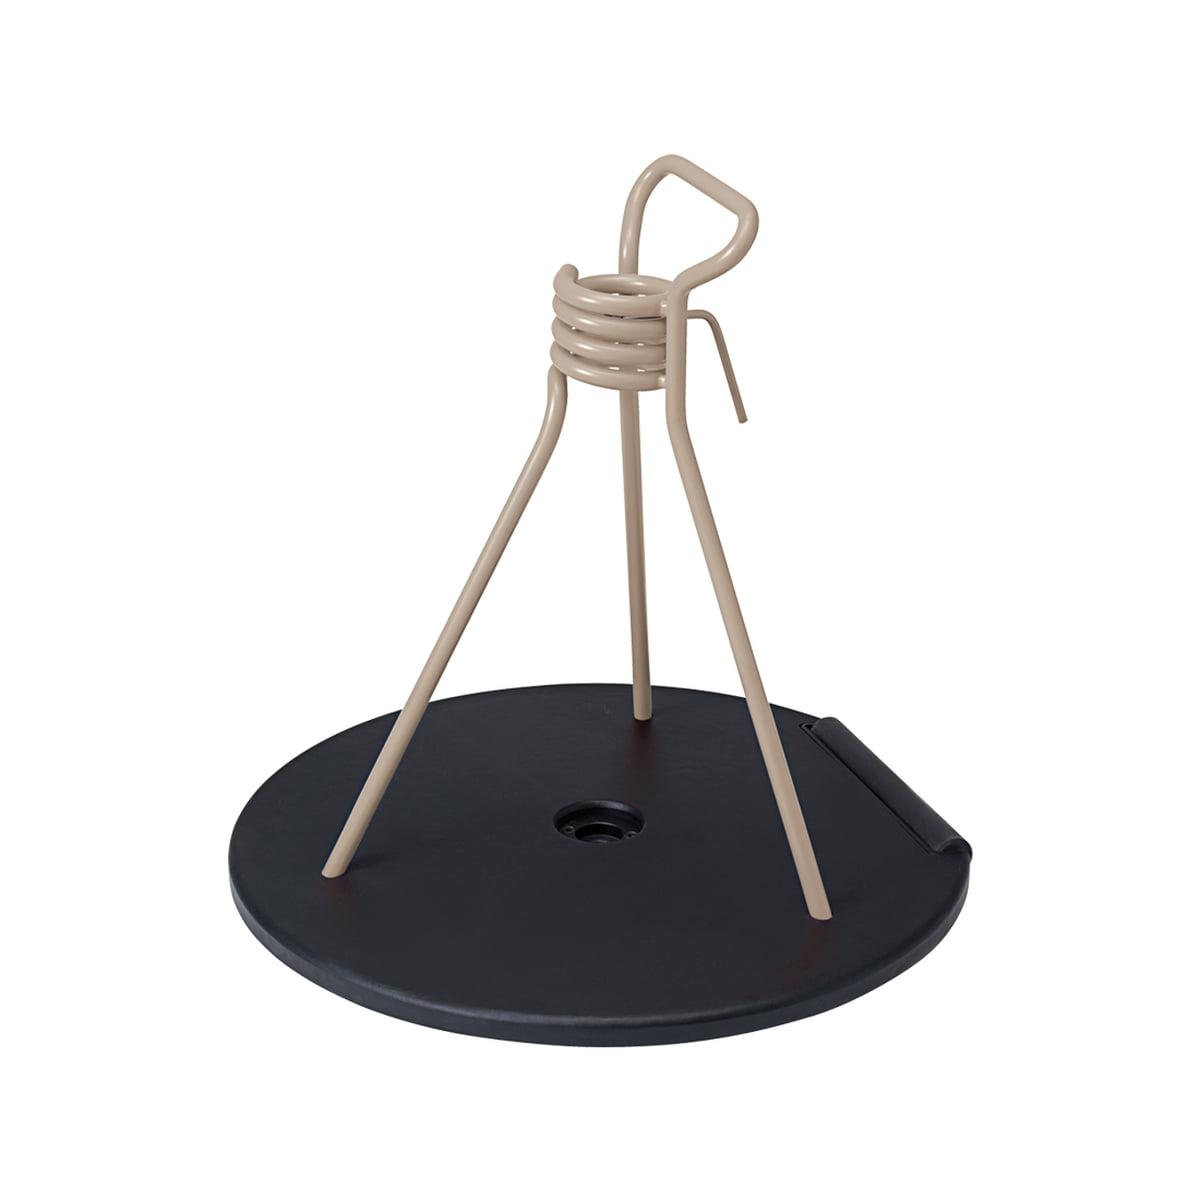 Fermob - Zébulon Schirmständer, muskat | Flur & Diele | Muskat | Sockel aus schwarzem gusseisen und stahldraht -  polypropylengleiter | fermob